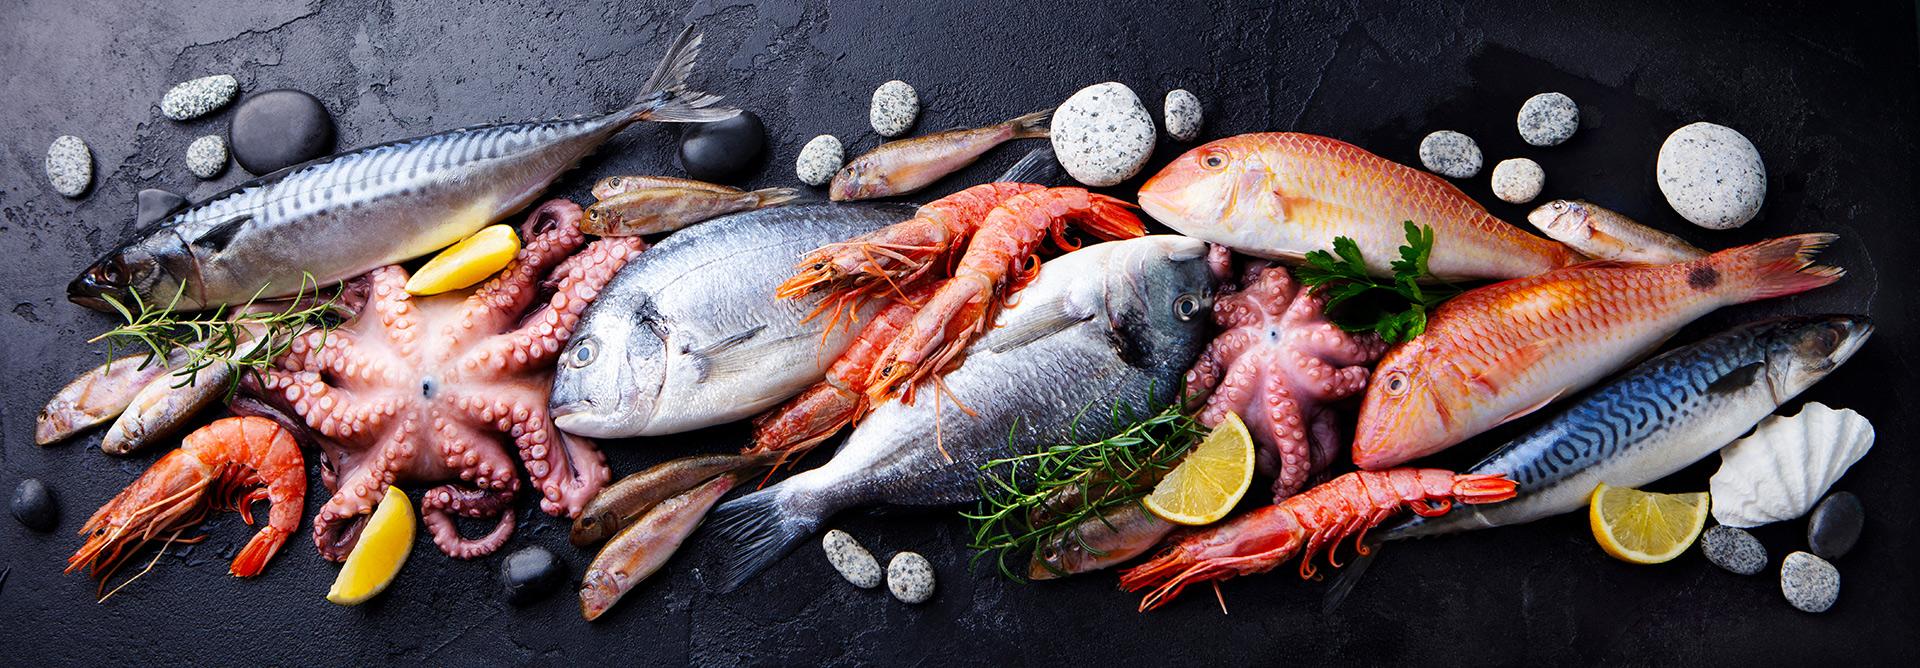 Découvrez des produits de la mer, frais et sans conservateurs à Biarritz | Chez Albert